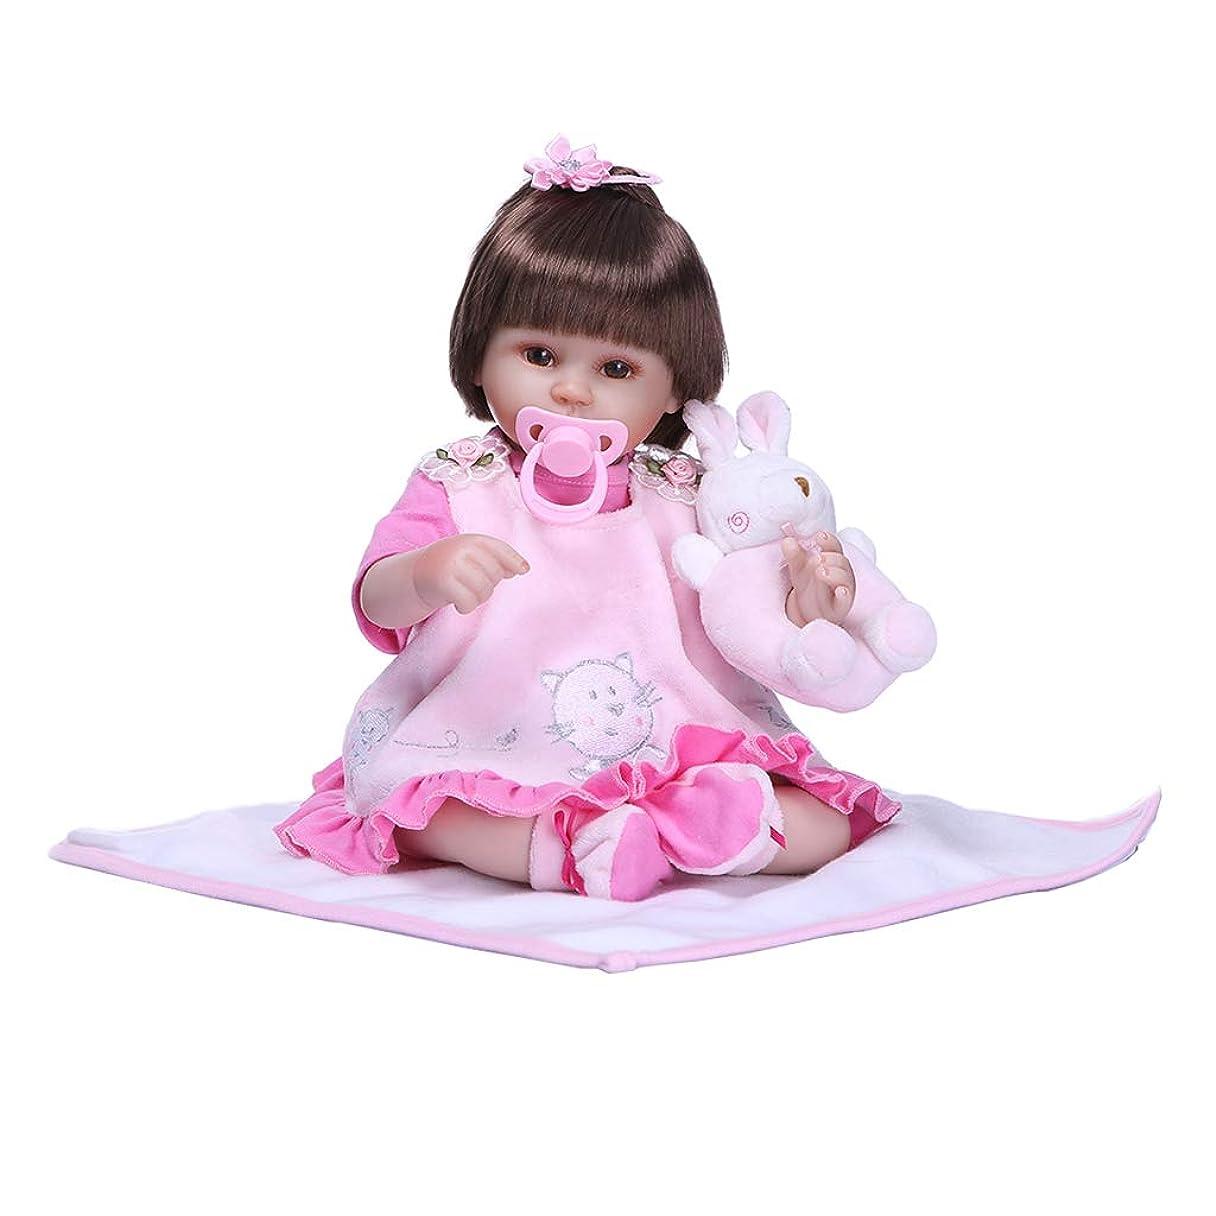 会議寄り添う闇Perfeclan 新生児人形 手足可動式 リボーンドール人形リアル リアル 赤ちゃん人形 工芸品 40cm 出産祝い